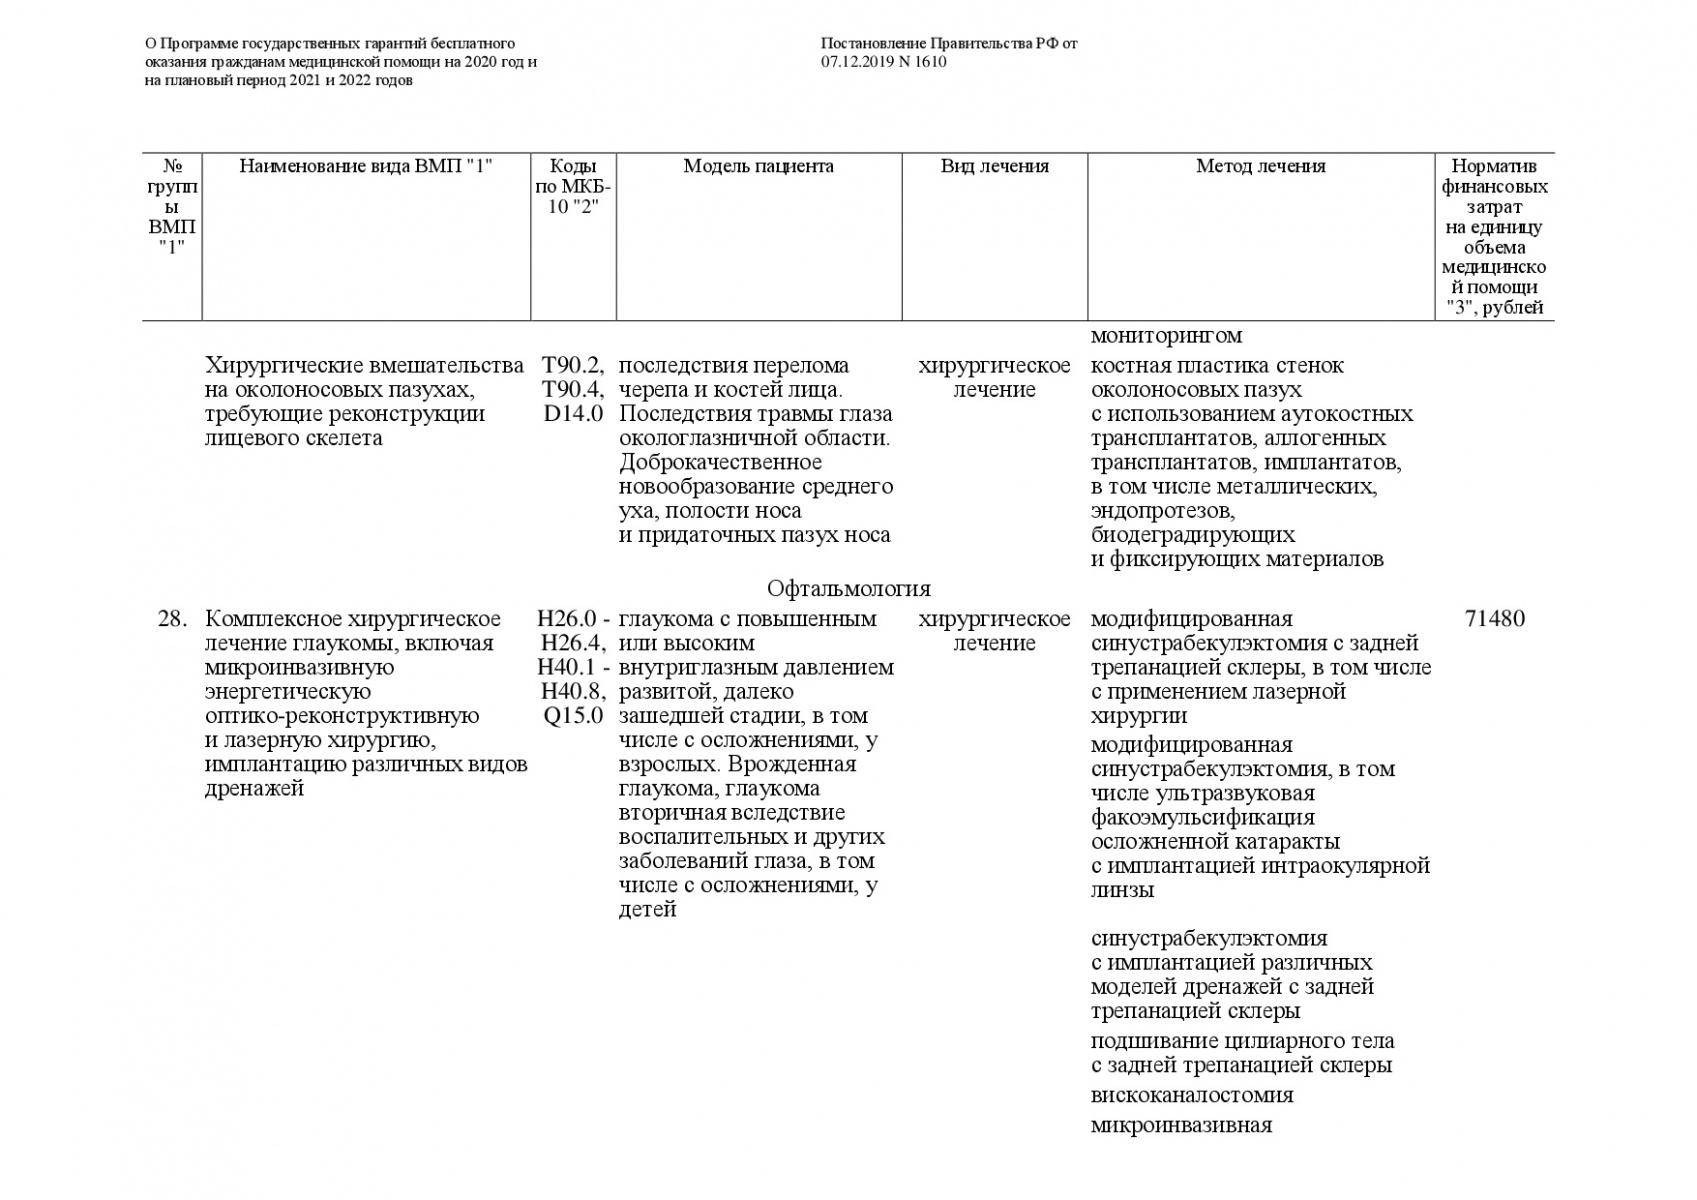 Postanovlenie-Pravitelstva-RF-ot-07_12_2019-1610-O-PGG-107